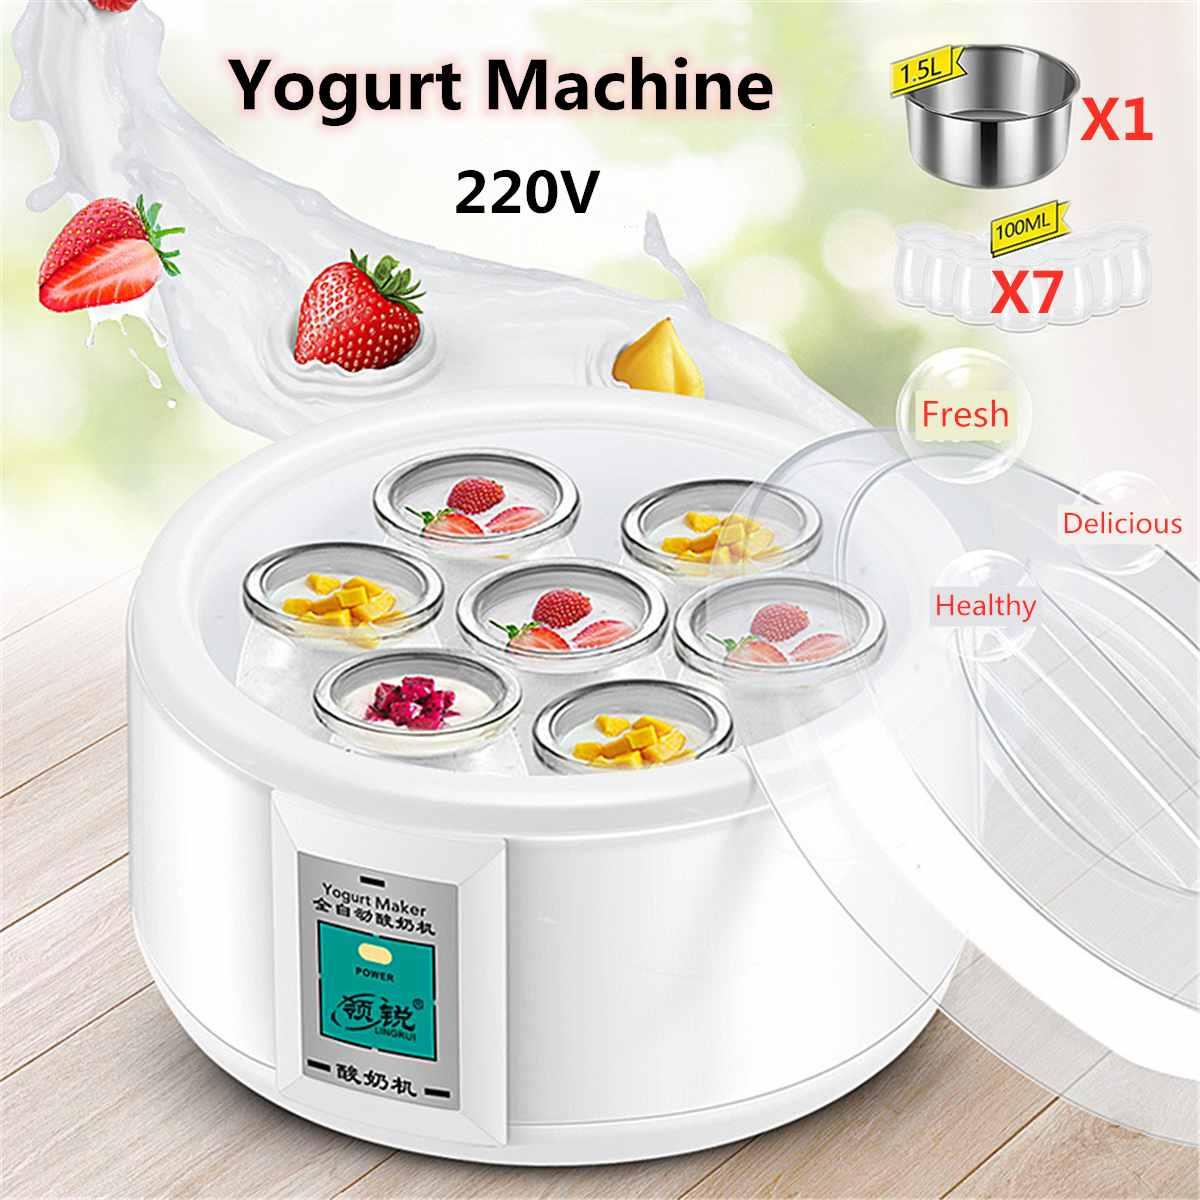 1.5L yaourtière électrique yaourt bricolage outil appareils de cuisine yaourtière automatique avec 7 pots Liner matériel acier inoxydable